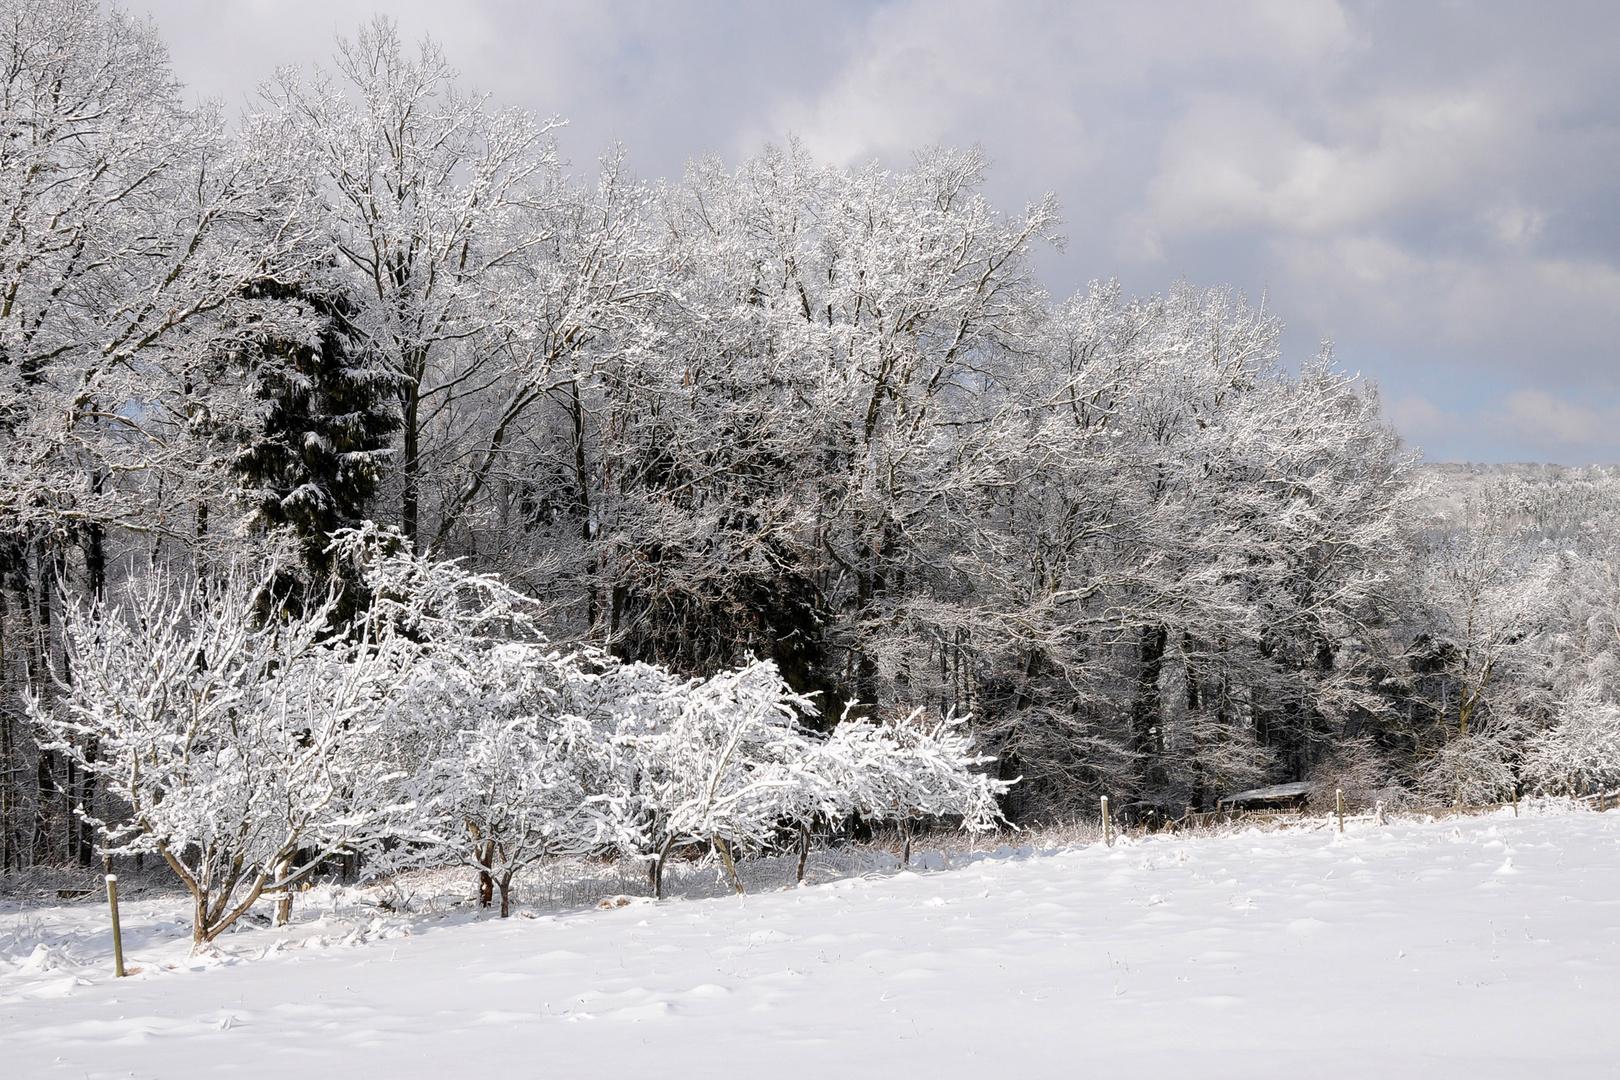 für alle denen es zu wenig Schnee gibt